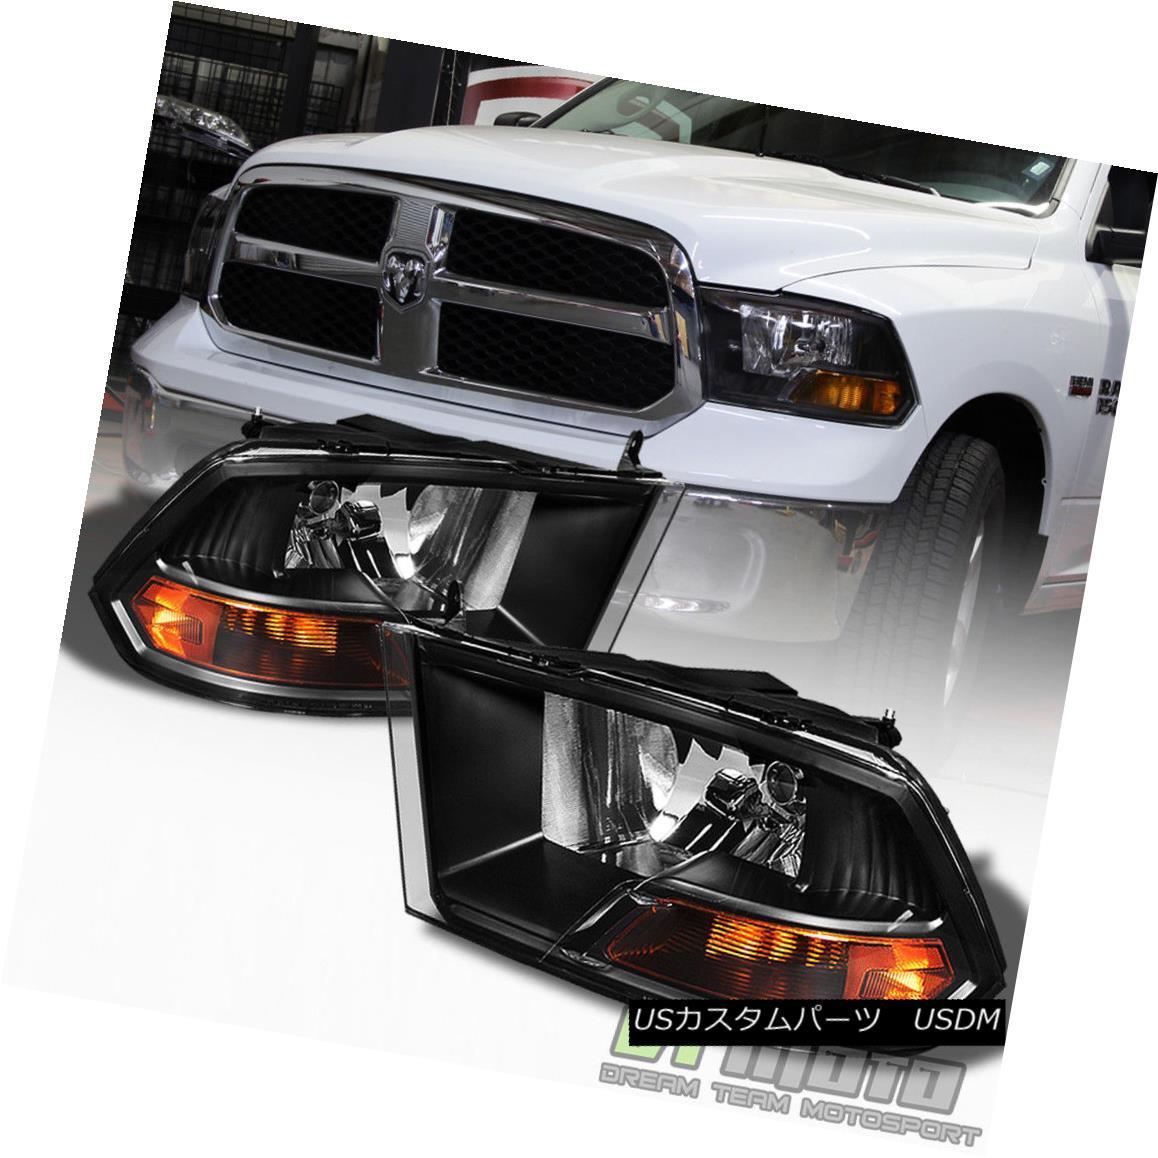 ヘッドライト 2009-2017 Dodge Ram Black Headlights Lamps Replacement Left+Right 09-17 Lights 2009-2017ダッジ・ラム・ブラックヘッドライト・ランプ交換用左/右09-17ライト